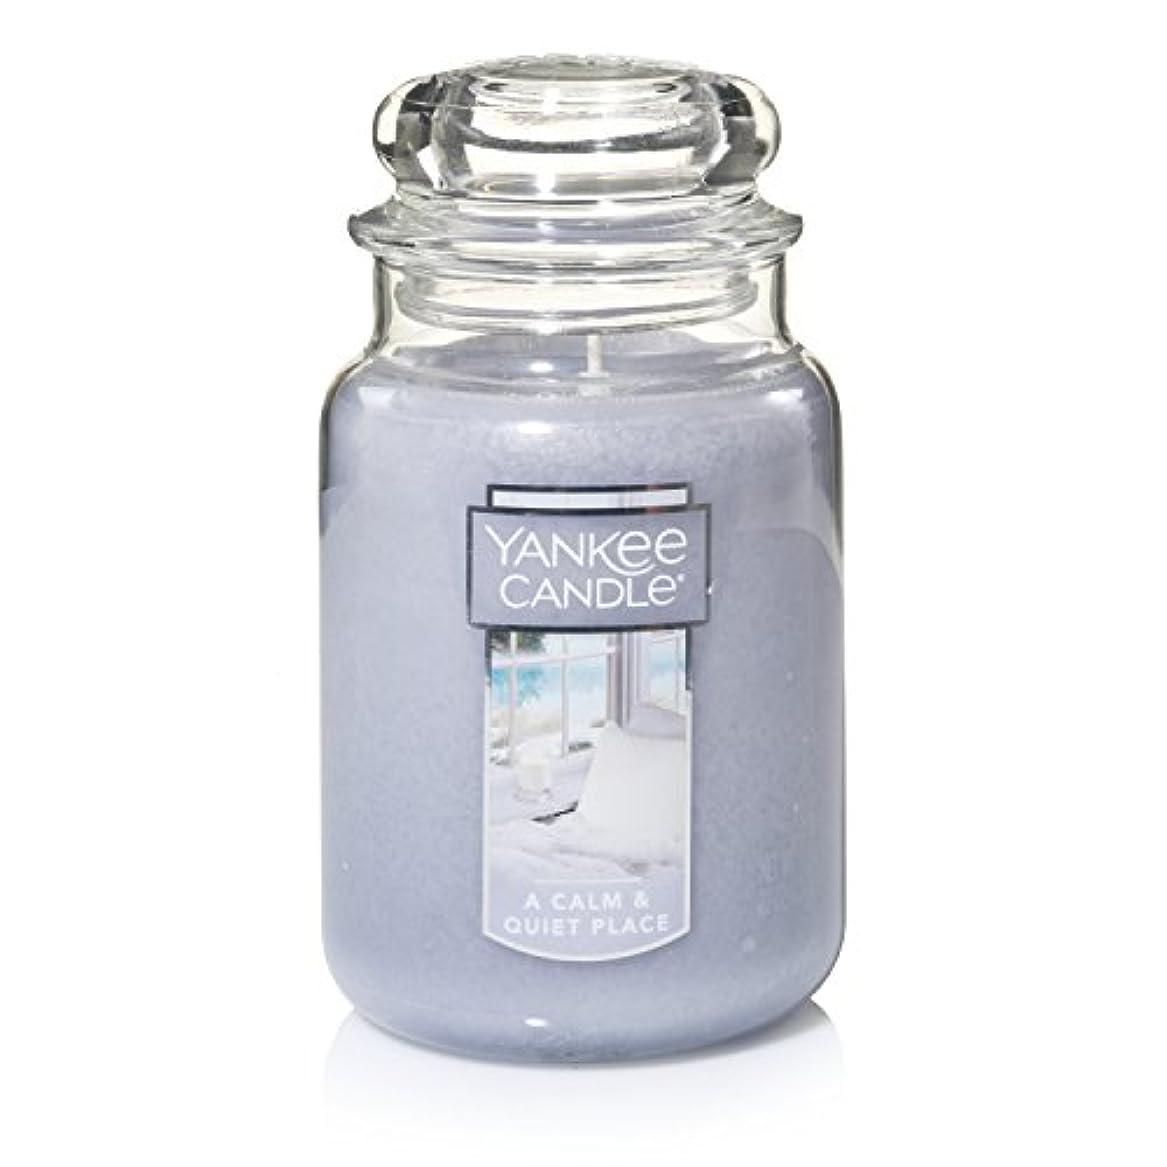 不和シュリンク起きているYankee Candle A Calm & Quiet Place Jar Candle, Large